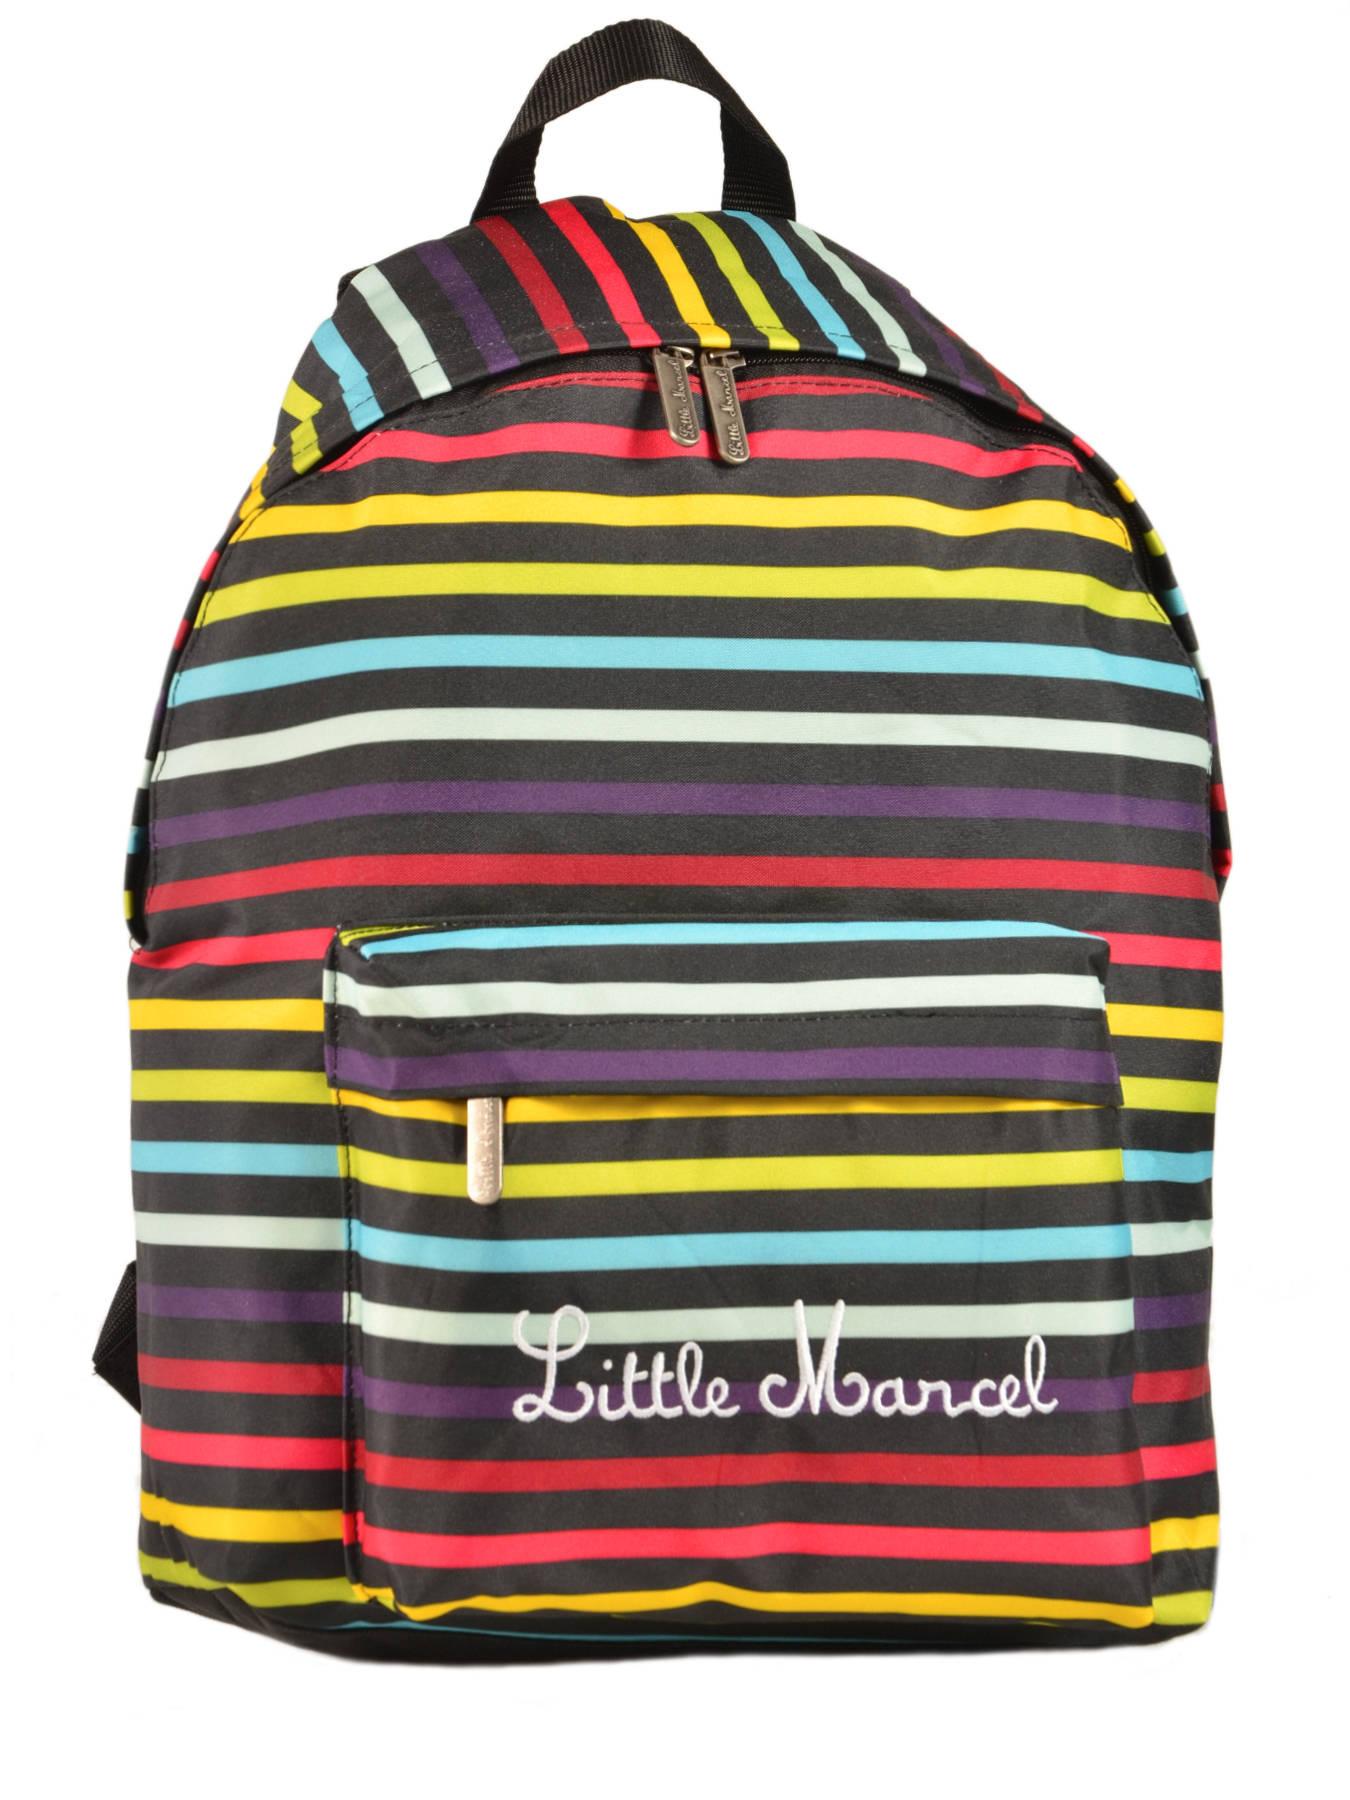 little marcel backpack scolaire best prices. Black Bedroom Furniture Sets. Home Design Ideas